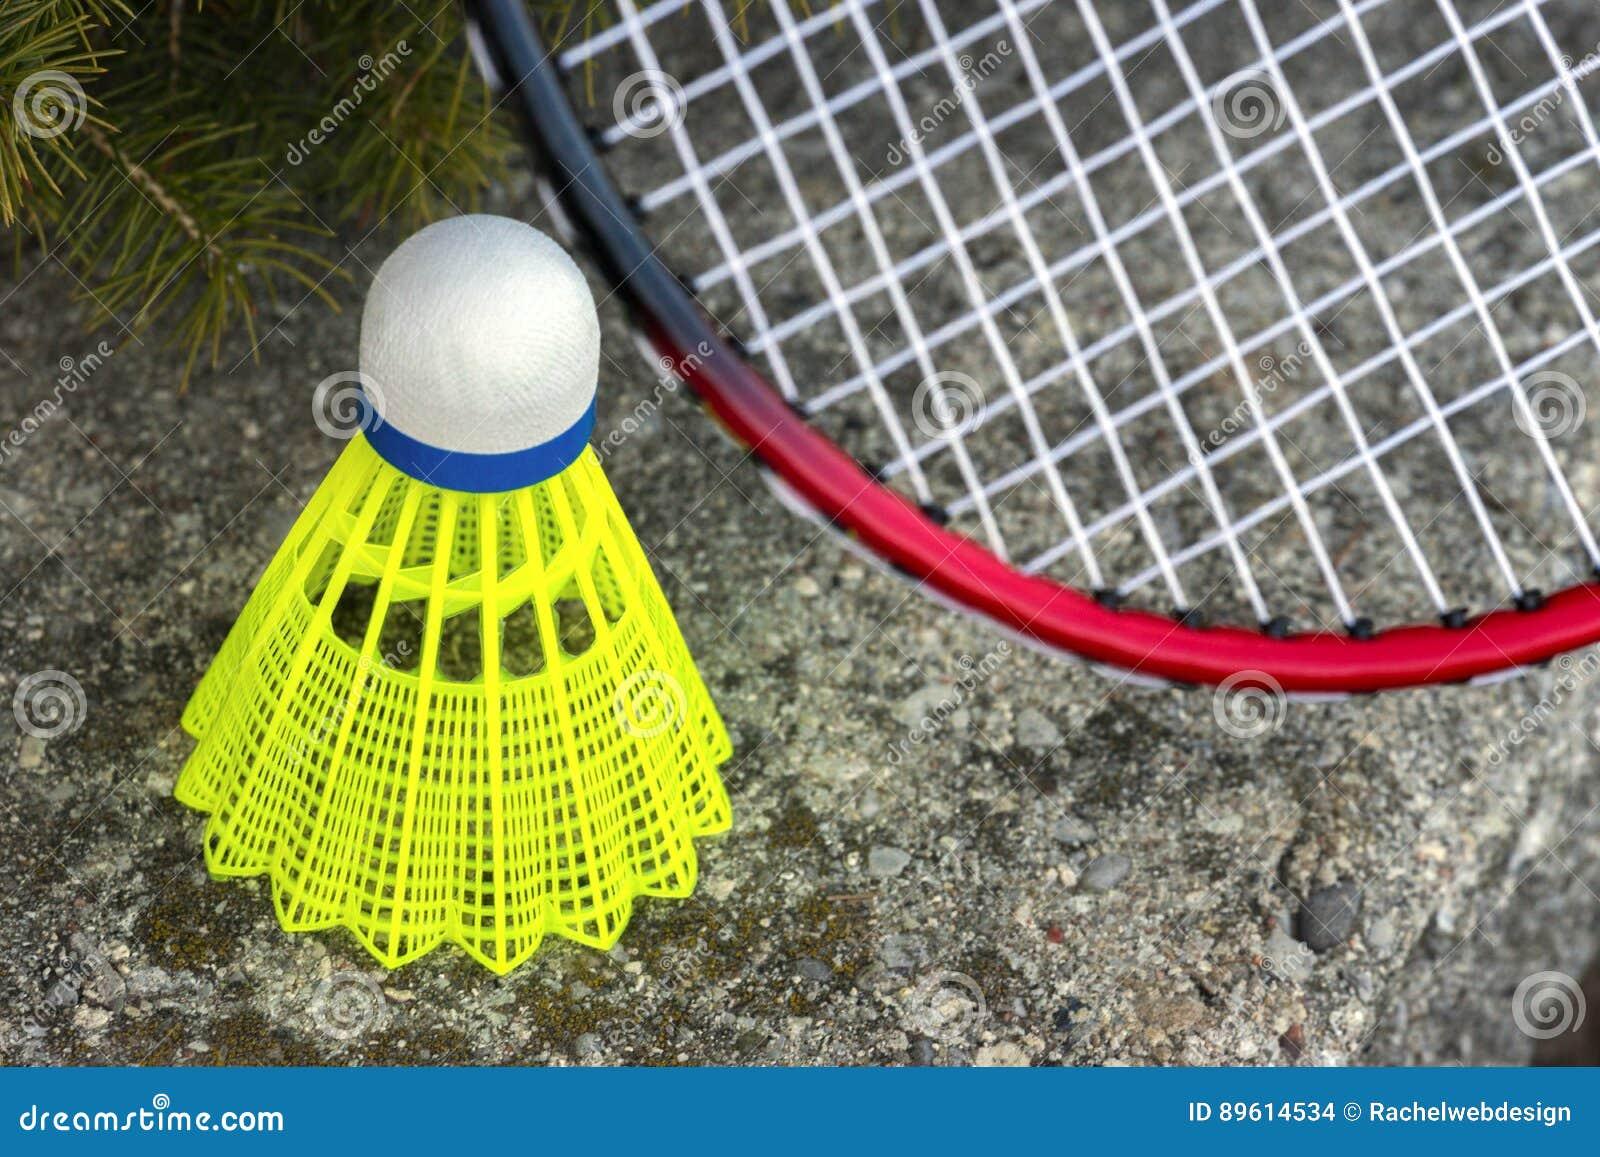 Grön fjäderboll för neon och röd benägenhet för badmintonracket på stenen